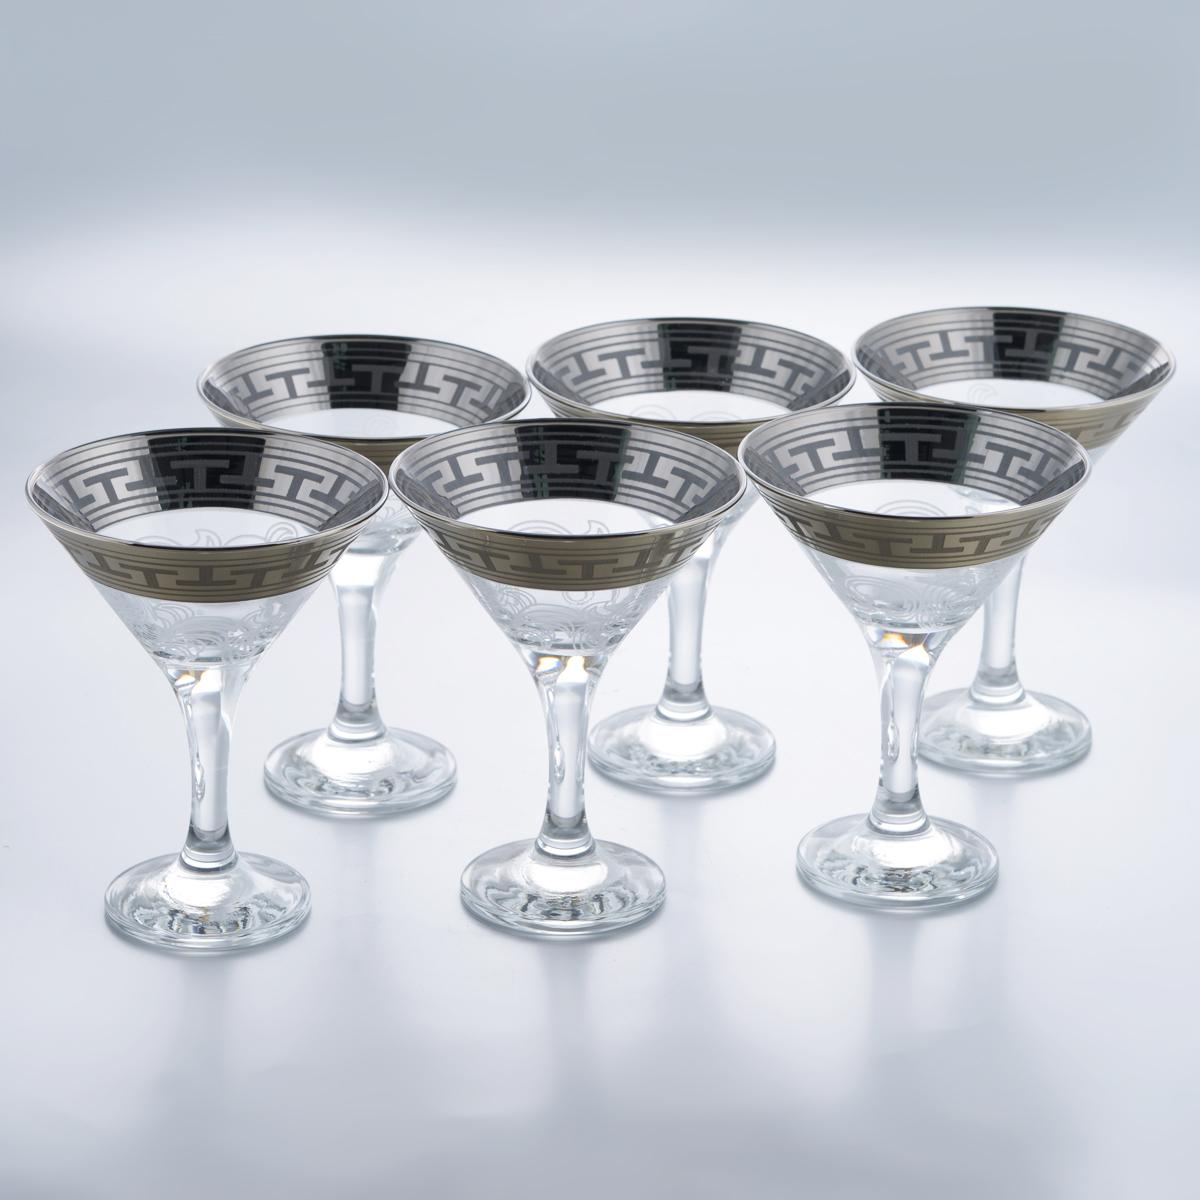 Набор бокалов для мартини Гусь-Хрустальный Греческий узор, 170 мл, 6 штVT-1520(SR)Набор Гусь-Хрустальный Греческий узор состоит из 6 бокалов на длинных ножках, изготовленных из высококачественного натрий-кальций-силикатного стекла. Изделия оформлены красивым зеркальным покрытием, широкой окантовкой с греческим узором и белым матовым орнаментом. Бокалы предназначены для подачи мартини. Такой набор прекрасно дополнит праздничный стол и станет желанным подарком в любом доме. Разрешается мыть в посудомоечной машине. Диаметр бокала (по верхнему краю): 10,5 см. Высота бокала: 13,5 см. Диаметр основания бокала: 6,3 см.